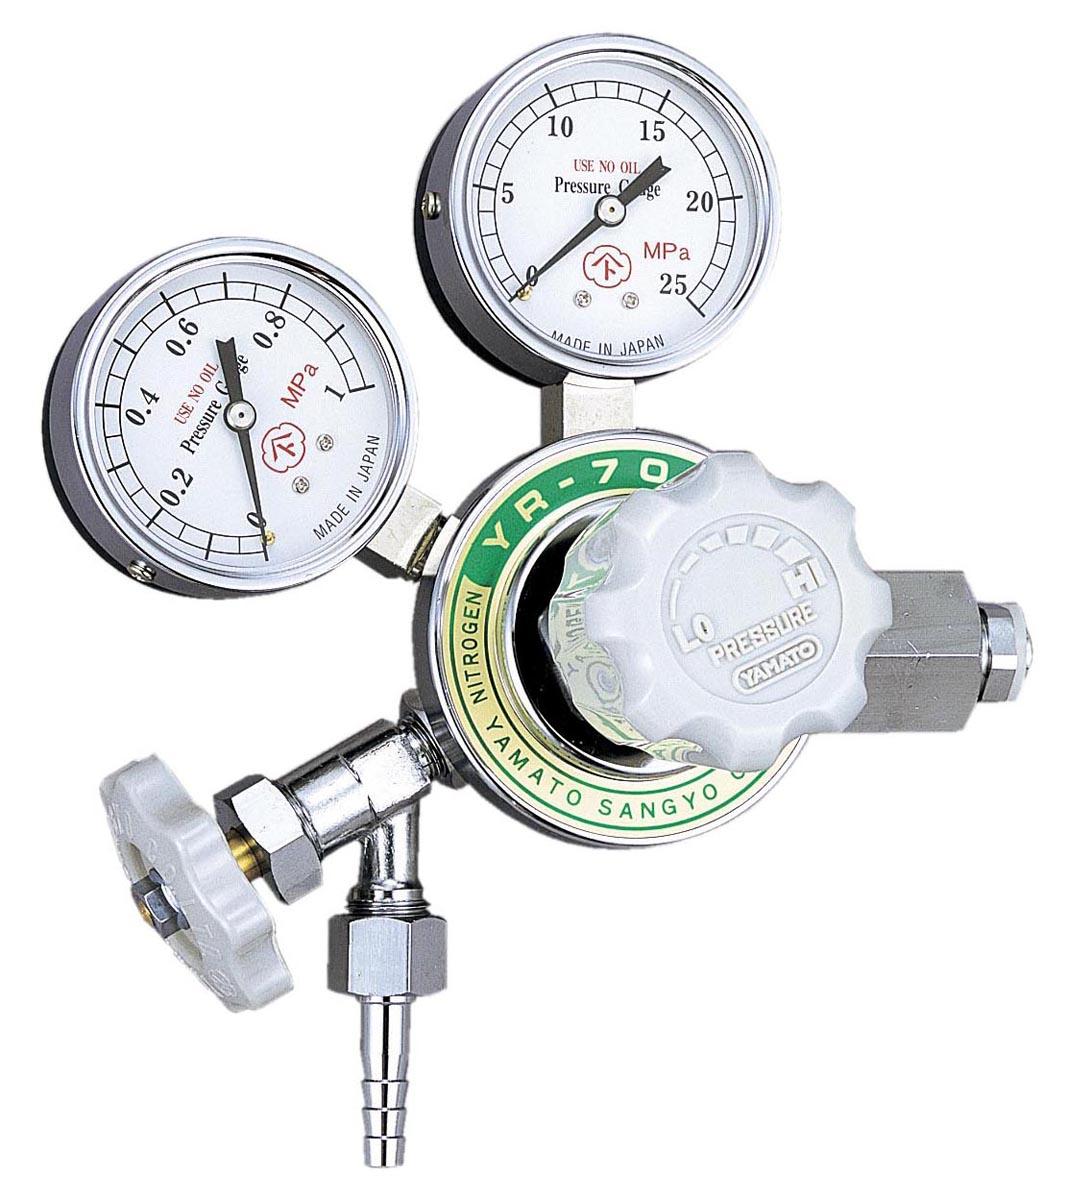 ジーエルサイエンス 普及型圧力調整器 YR-70-1